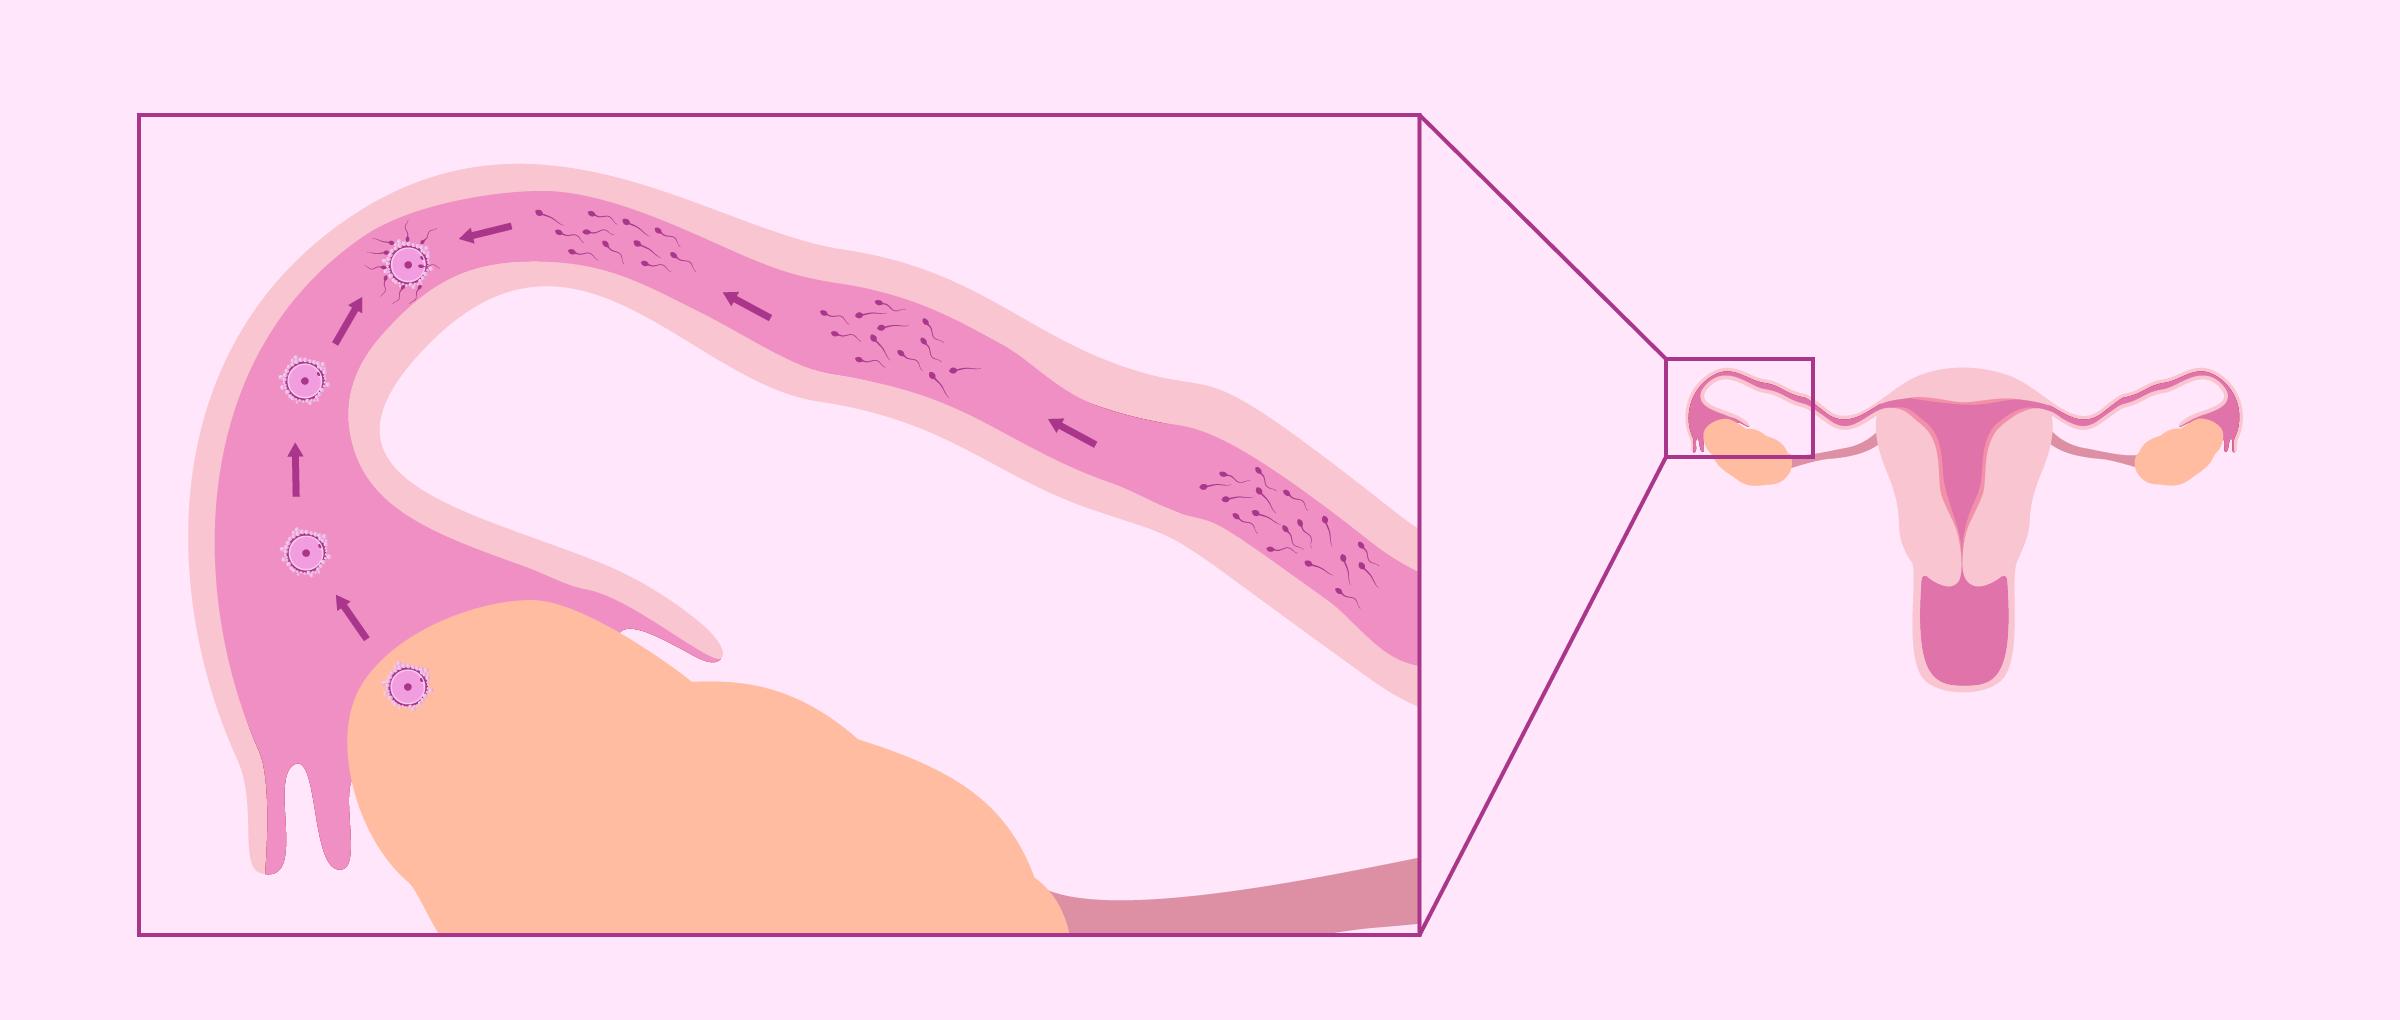 Fecundación natural en las trompas de Falopio